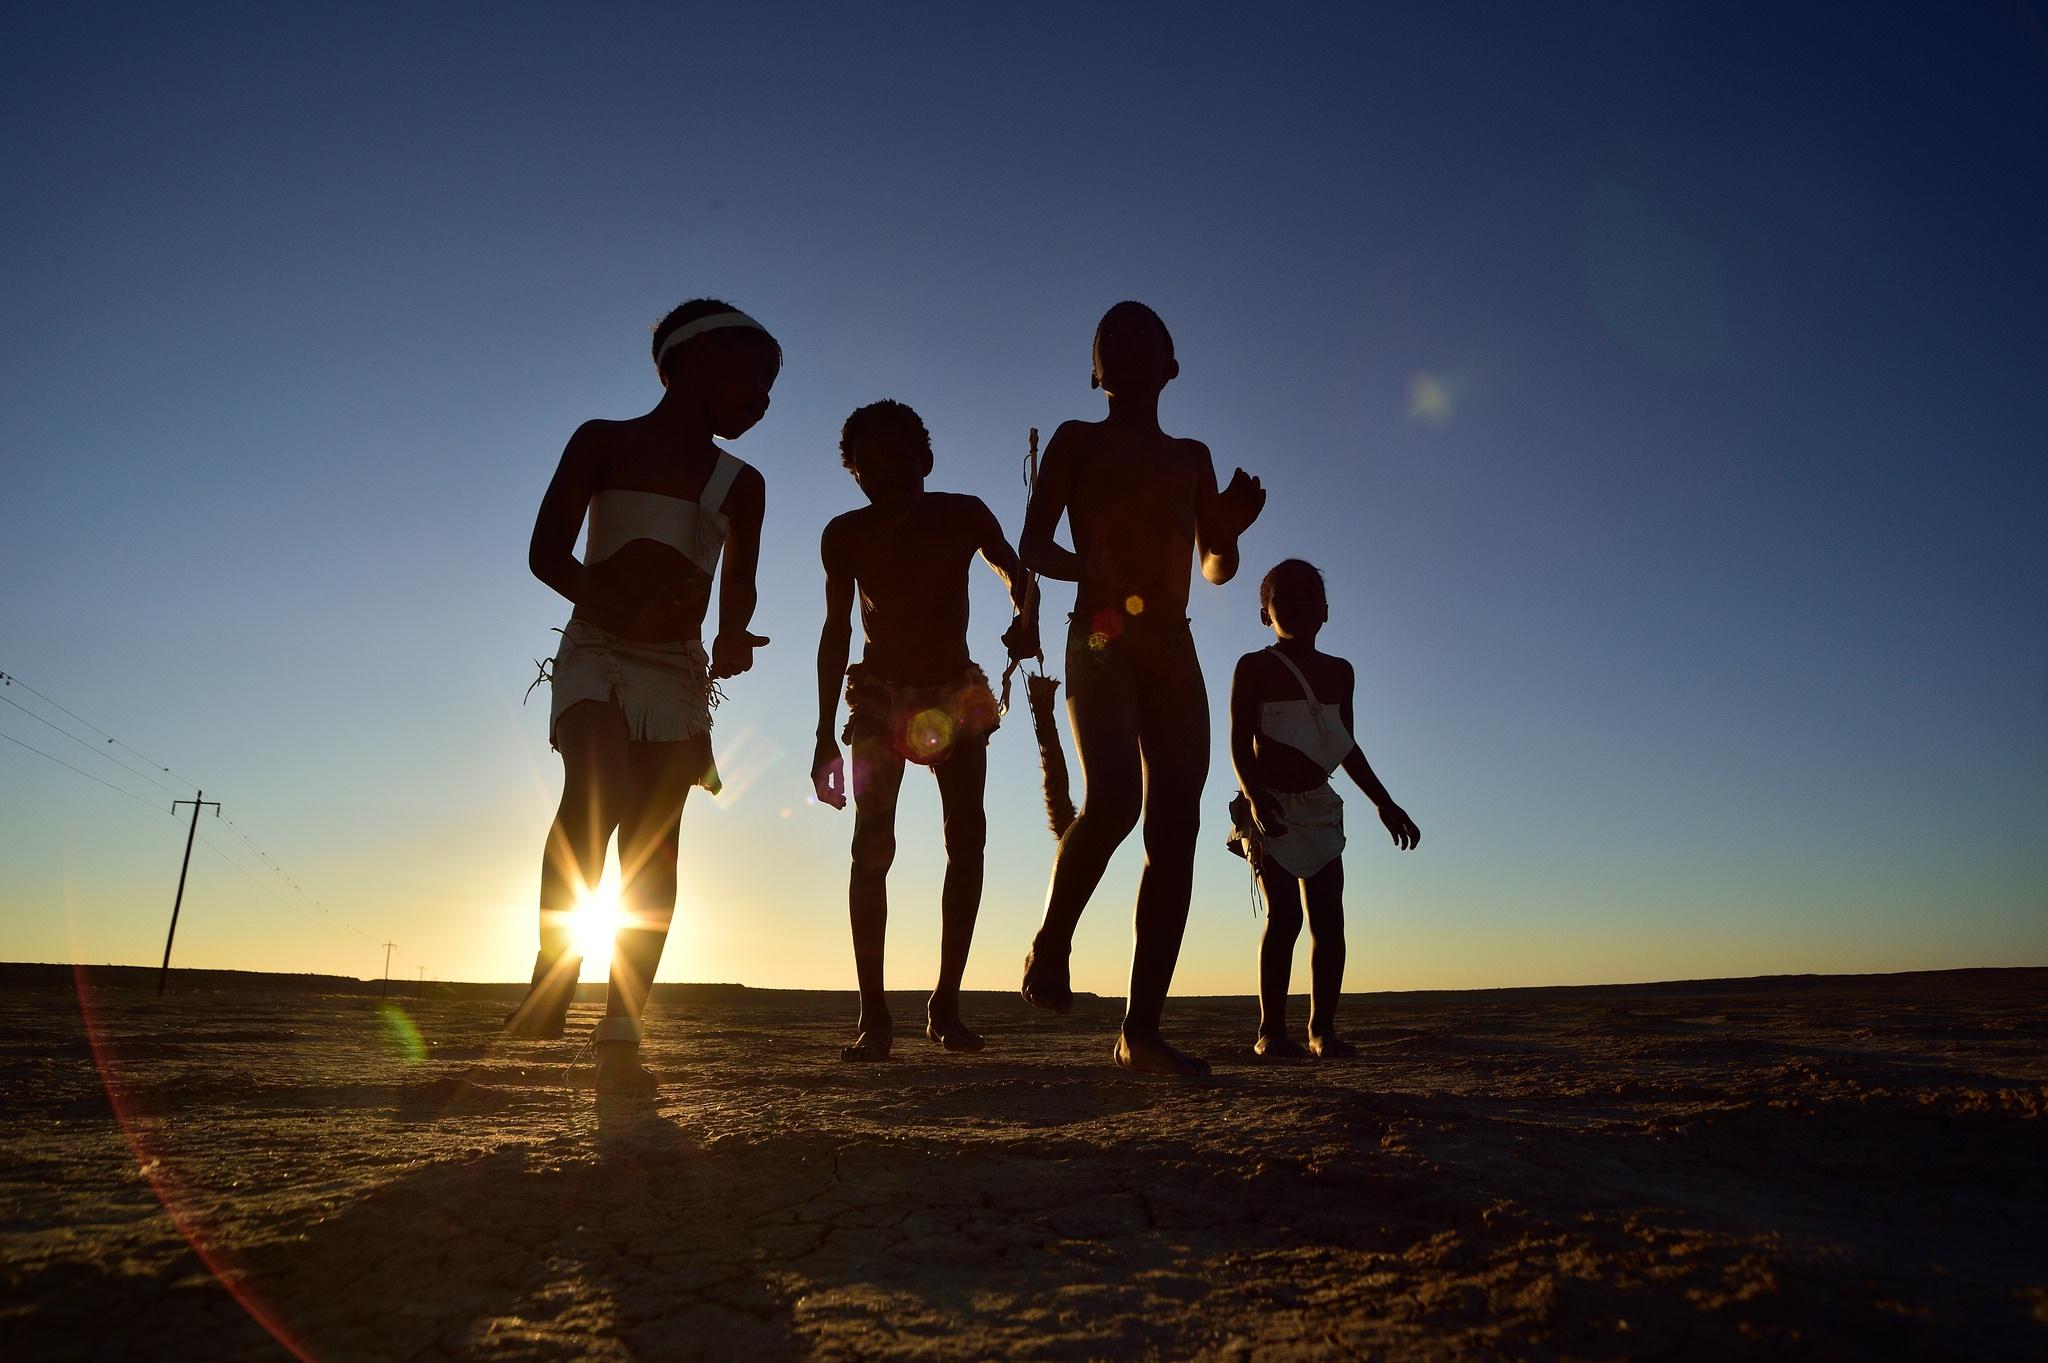 Khoisan Children